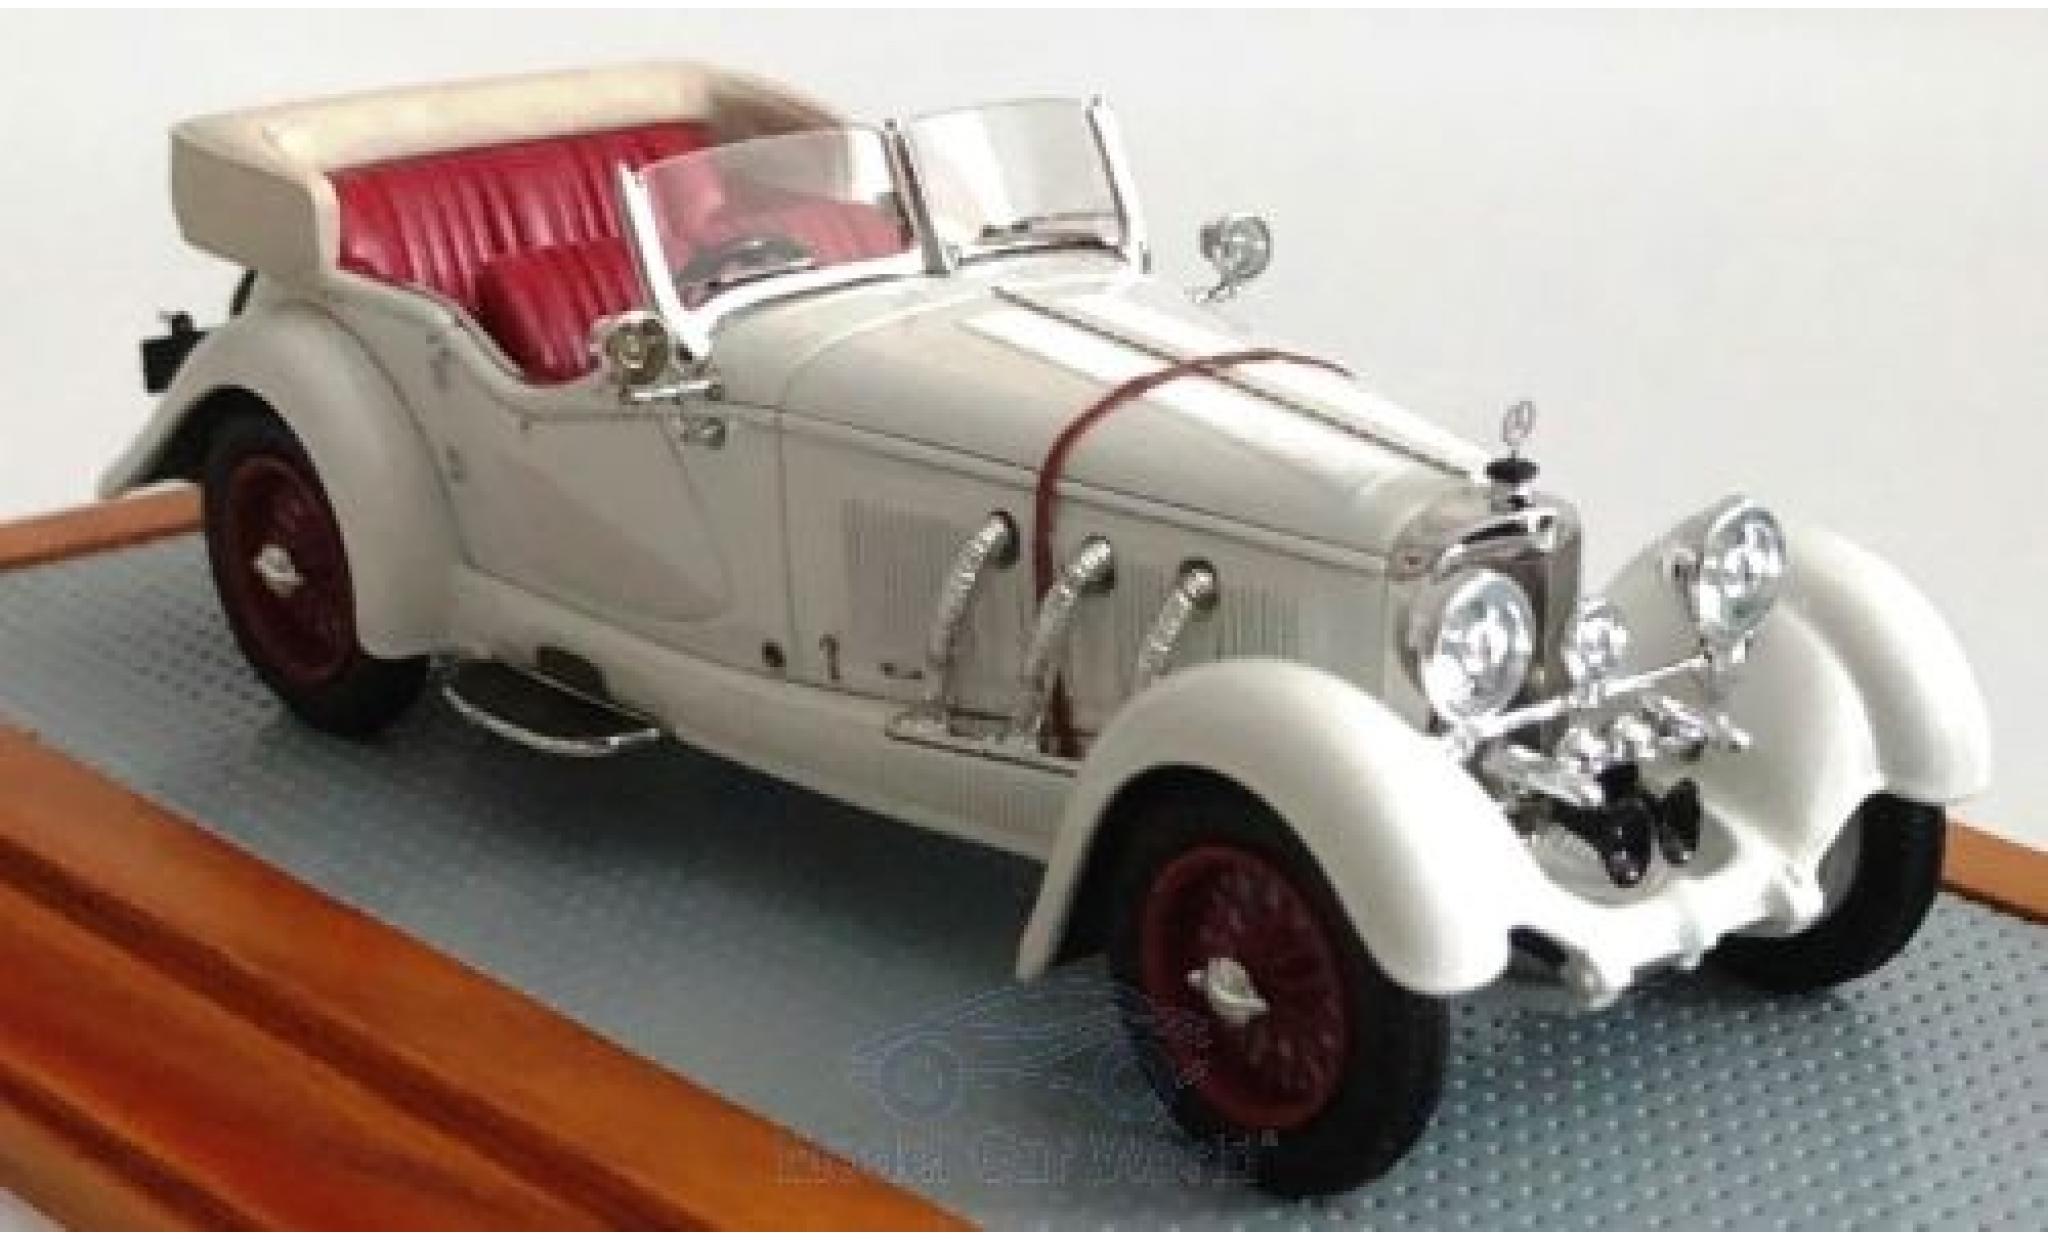 Mercedes Classe GLA 1/43 Ilario S-Type 26/180 Sports Tourer Buhne blanche 1928 sn35920 Gläser